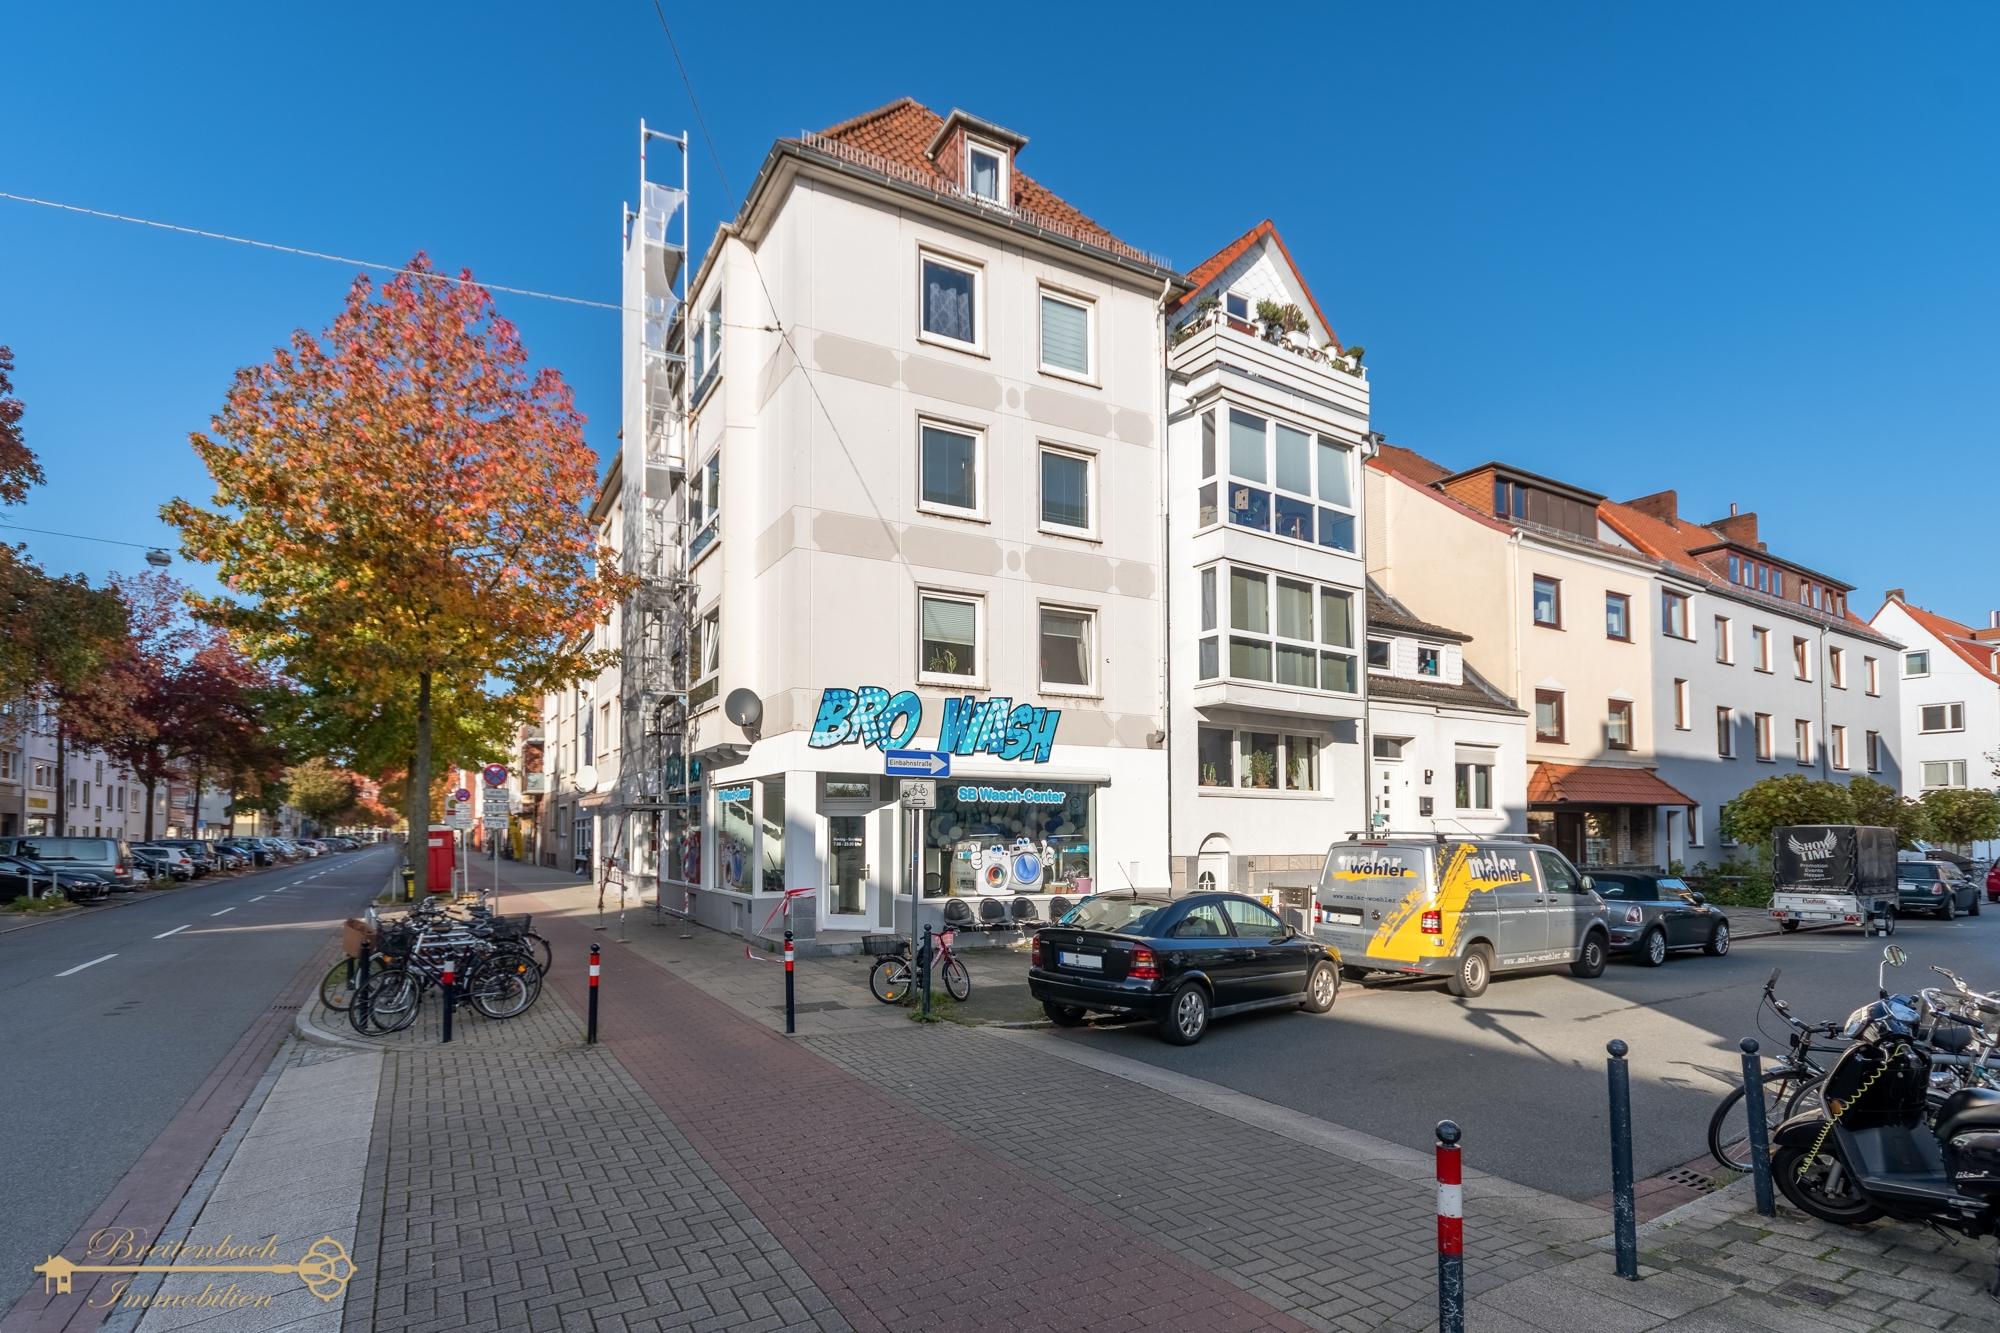 2020-11-15-Breitenbach-Immobilien-2